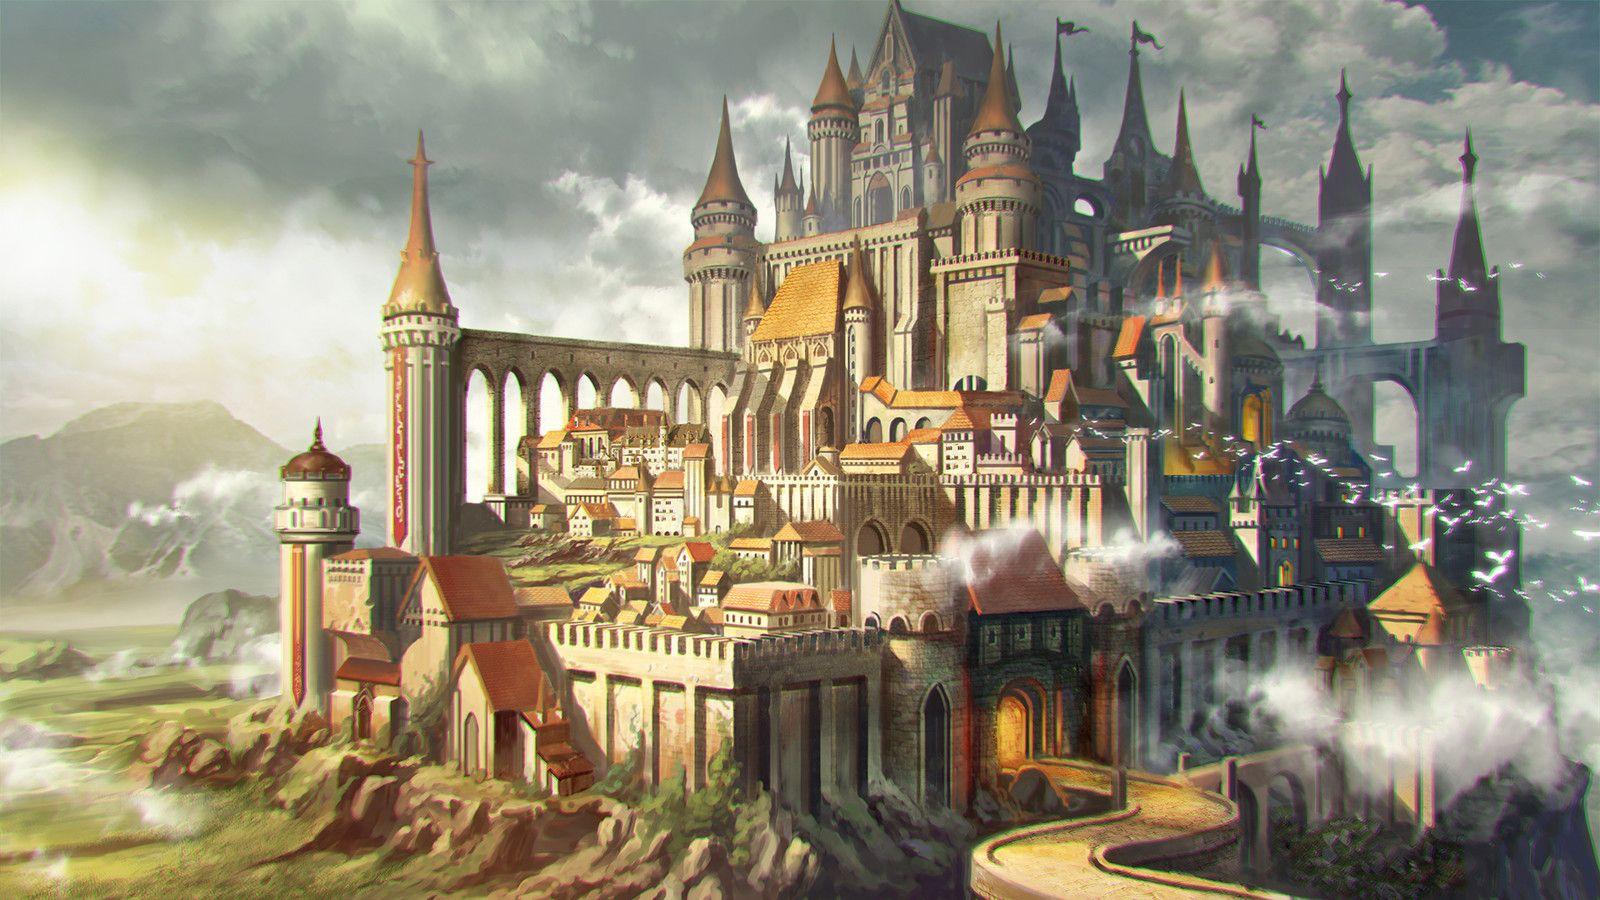 картинки замков королевств греции были рождены